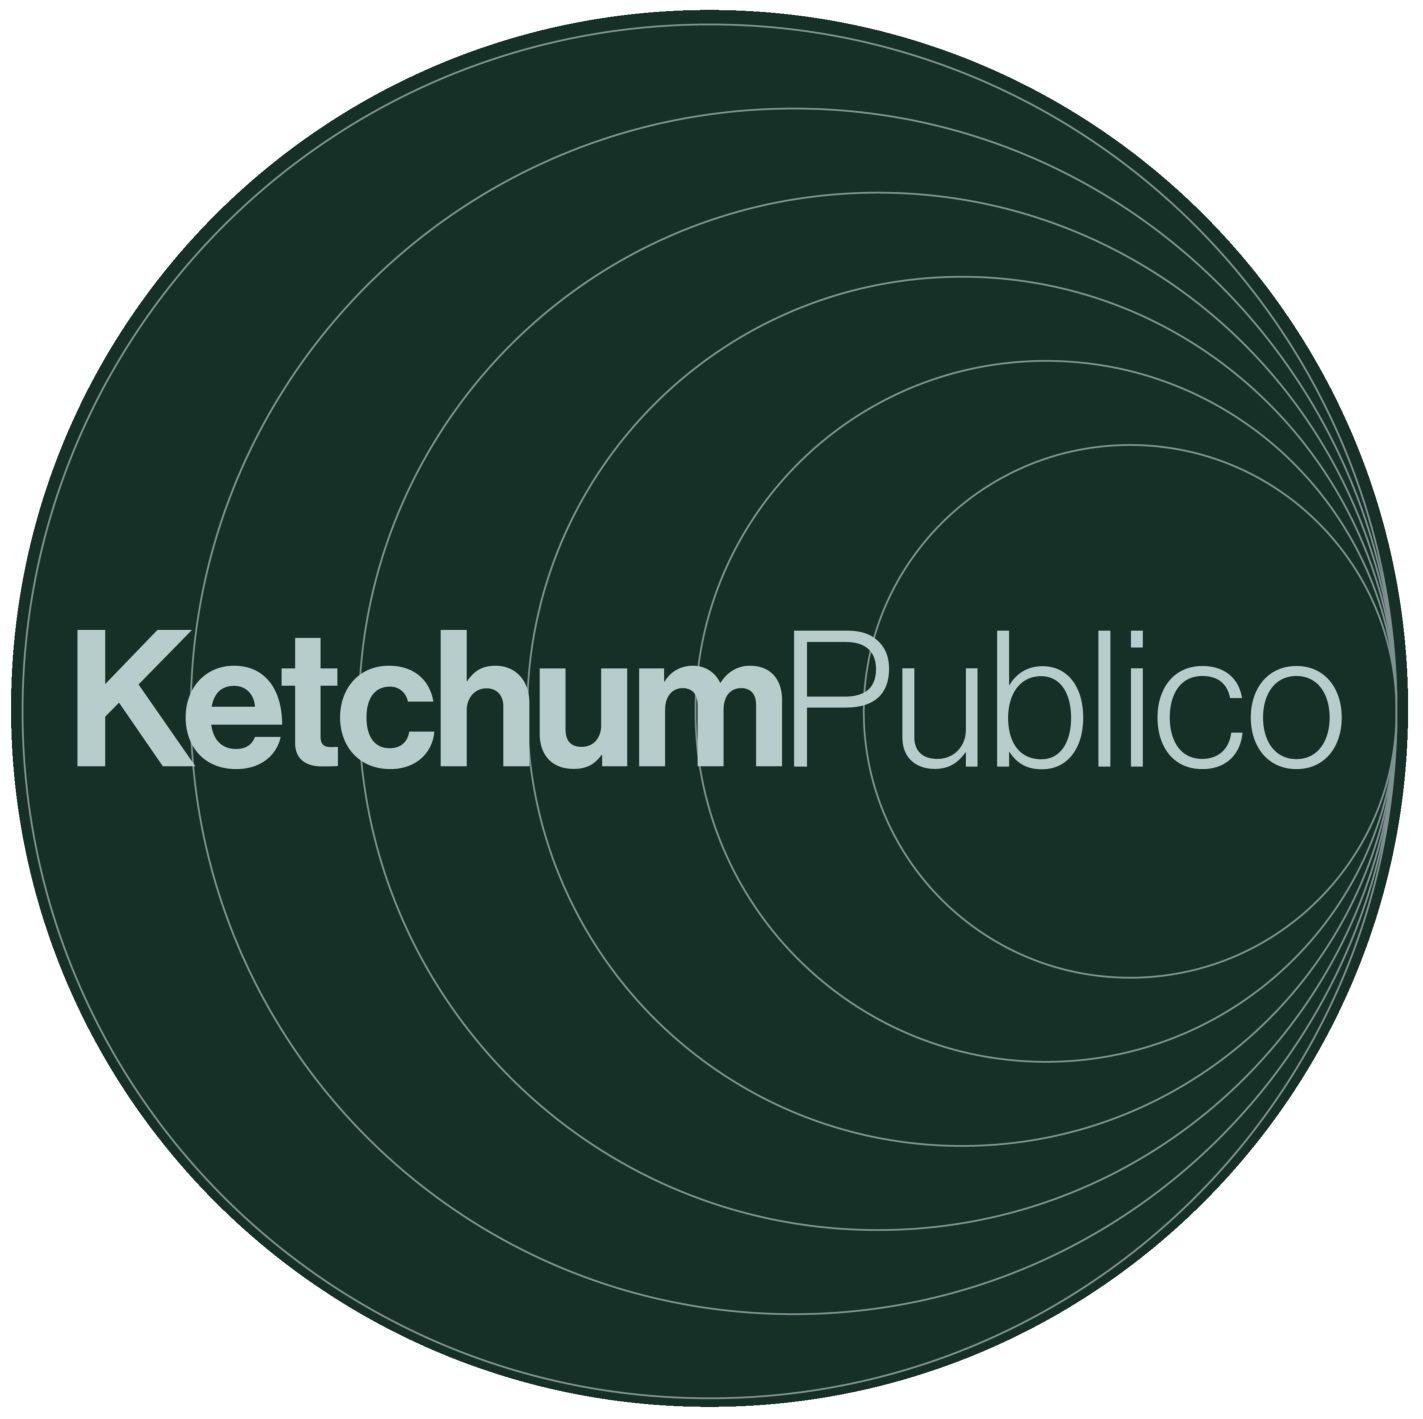 Ketchum Publico